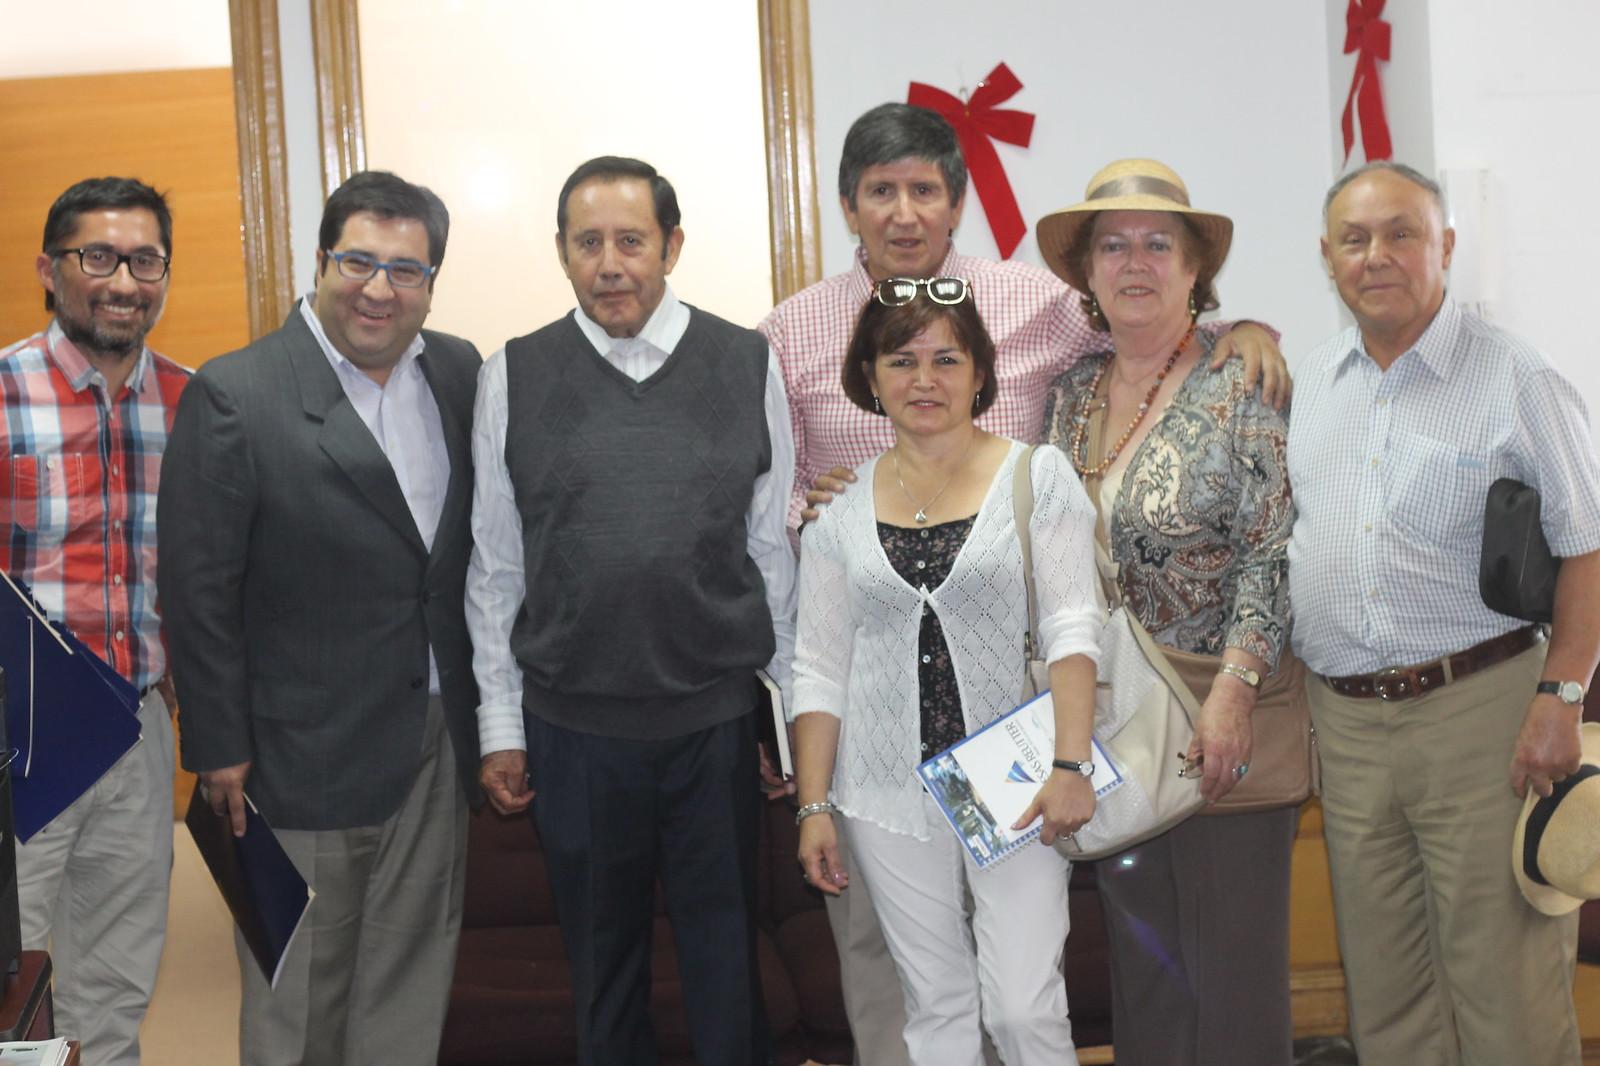 Consejo Regional aprueba proyecto de ampliación (Santa Margarita)